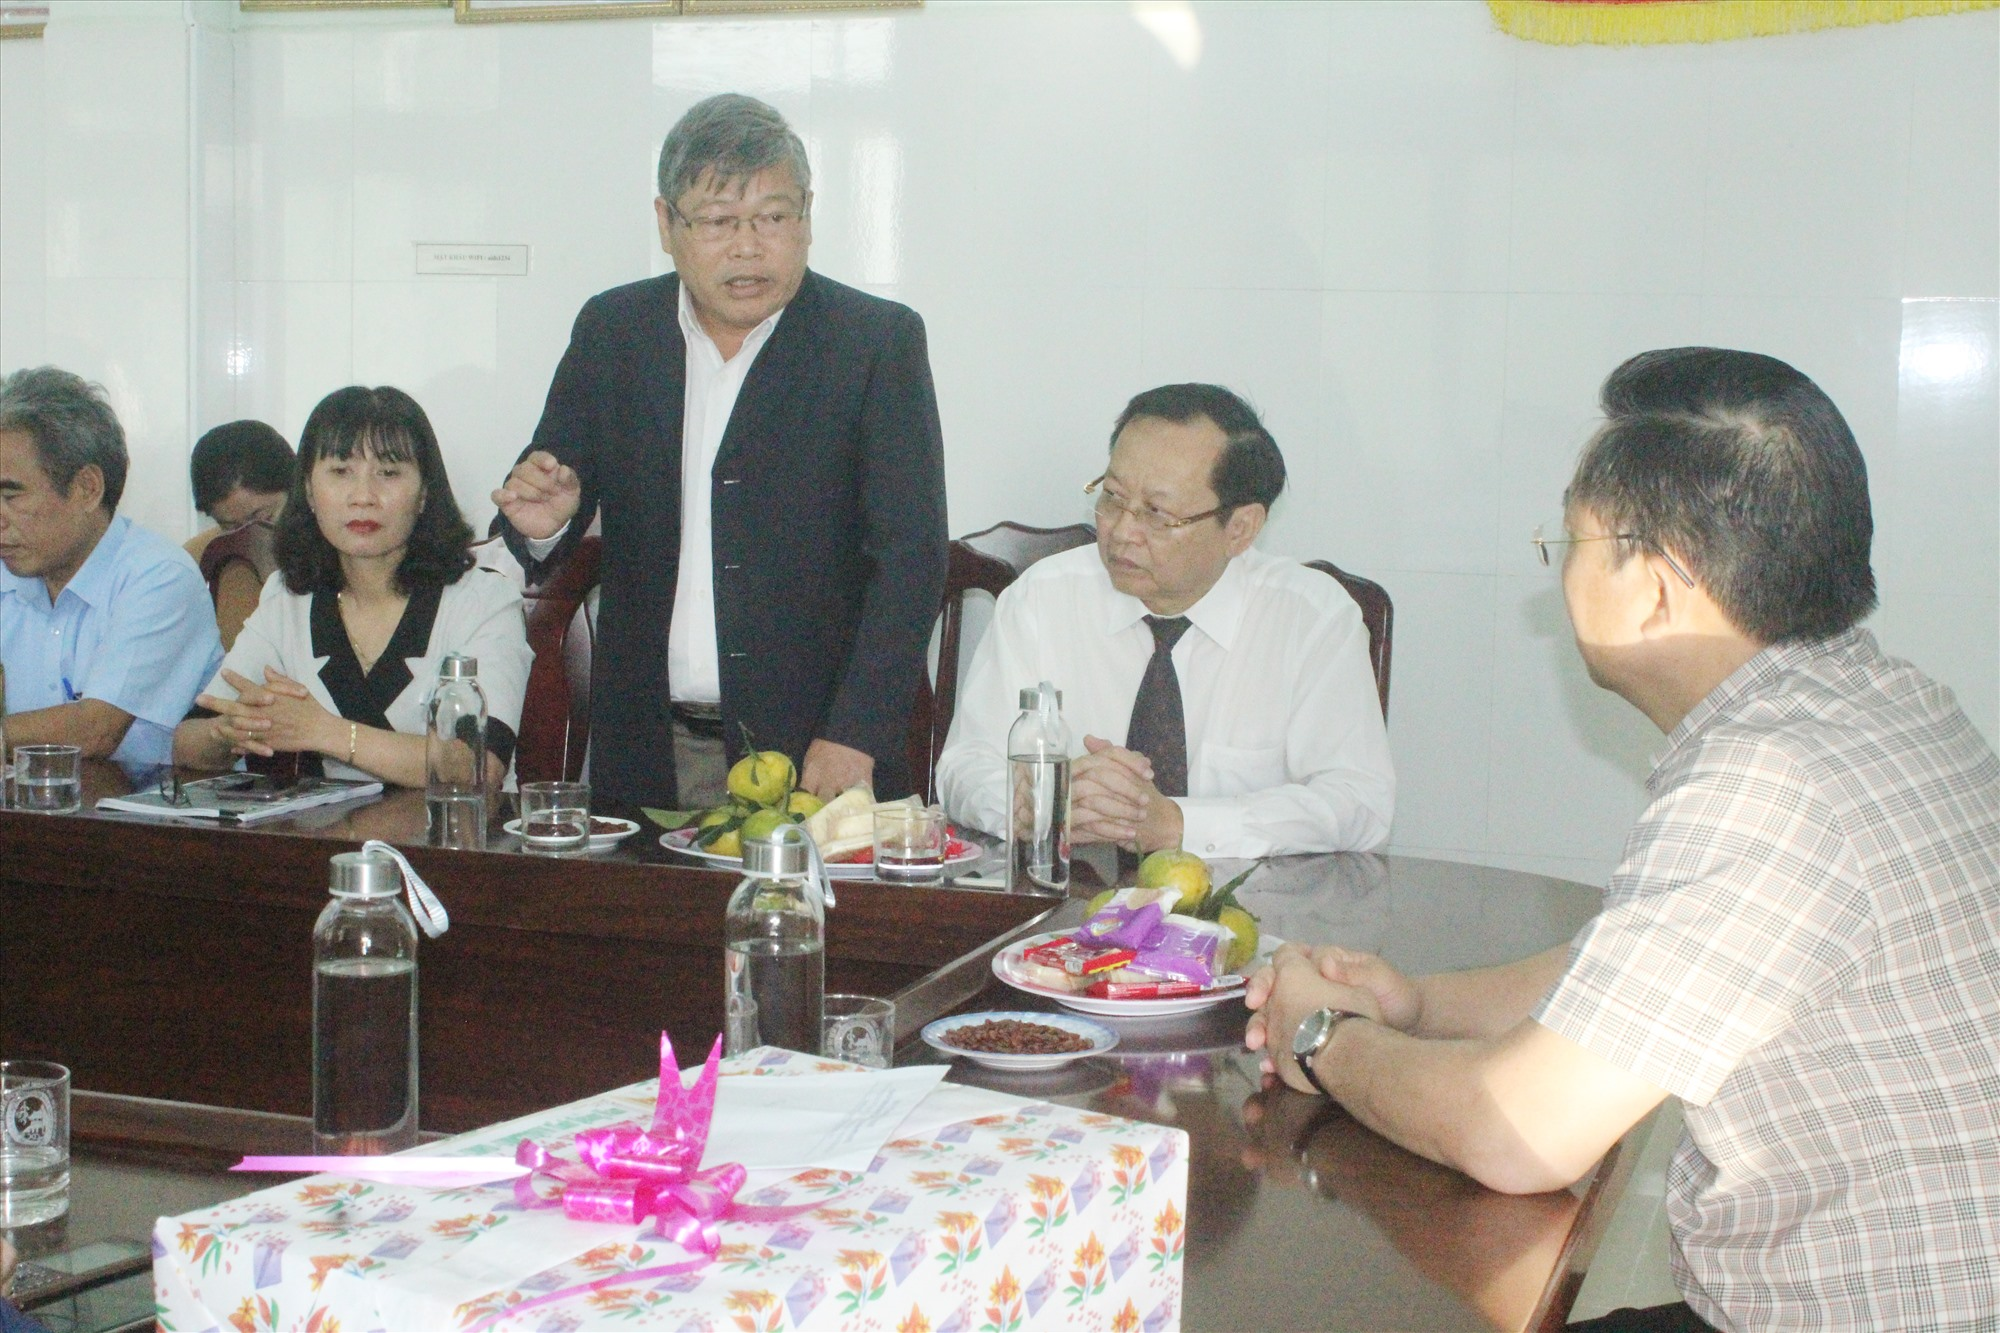 Lãnh đạo Trung tâm Kiểm soát Bệnh tật Quảng Nam thông tin nhanh với Chủ tịch UBND tỉnh Lê Trí Thanh tình hình phòng, chống, kiểm soát dịch bệnh Covid-19. Ảnh: D.L